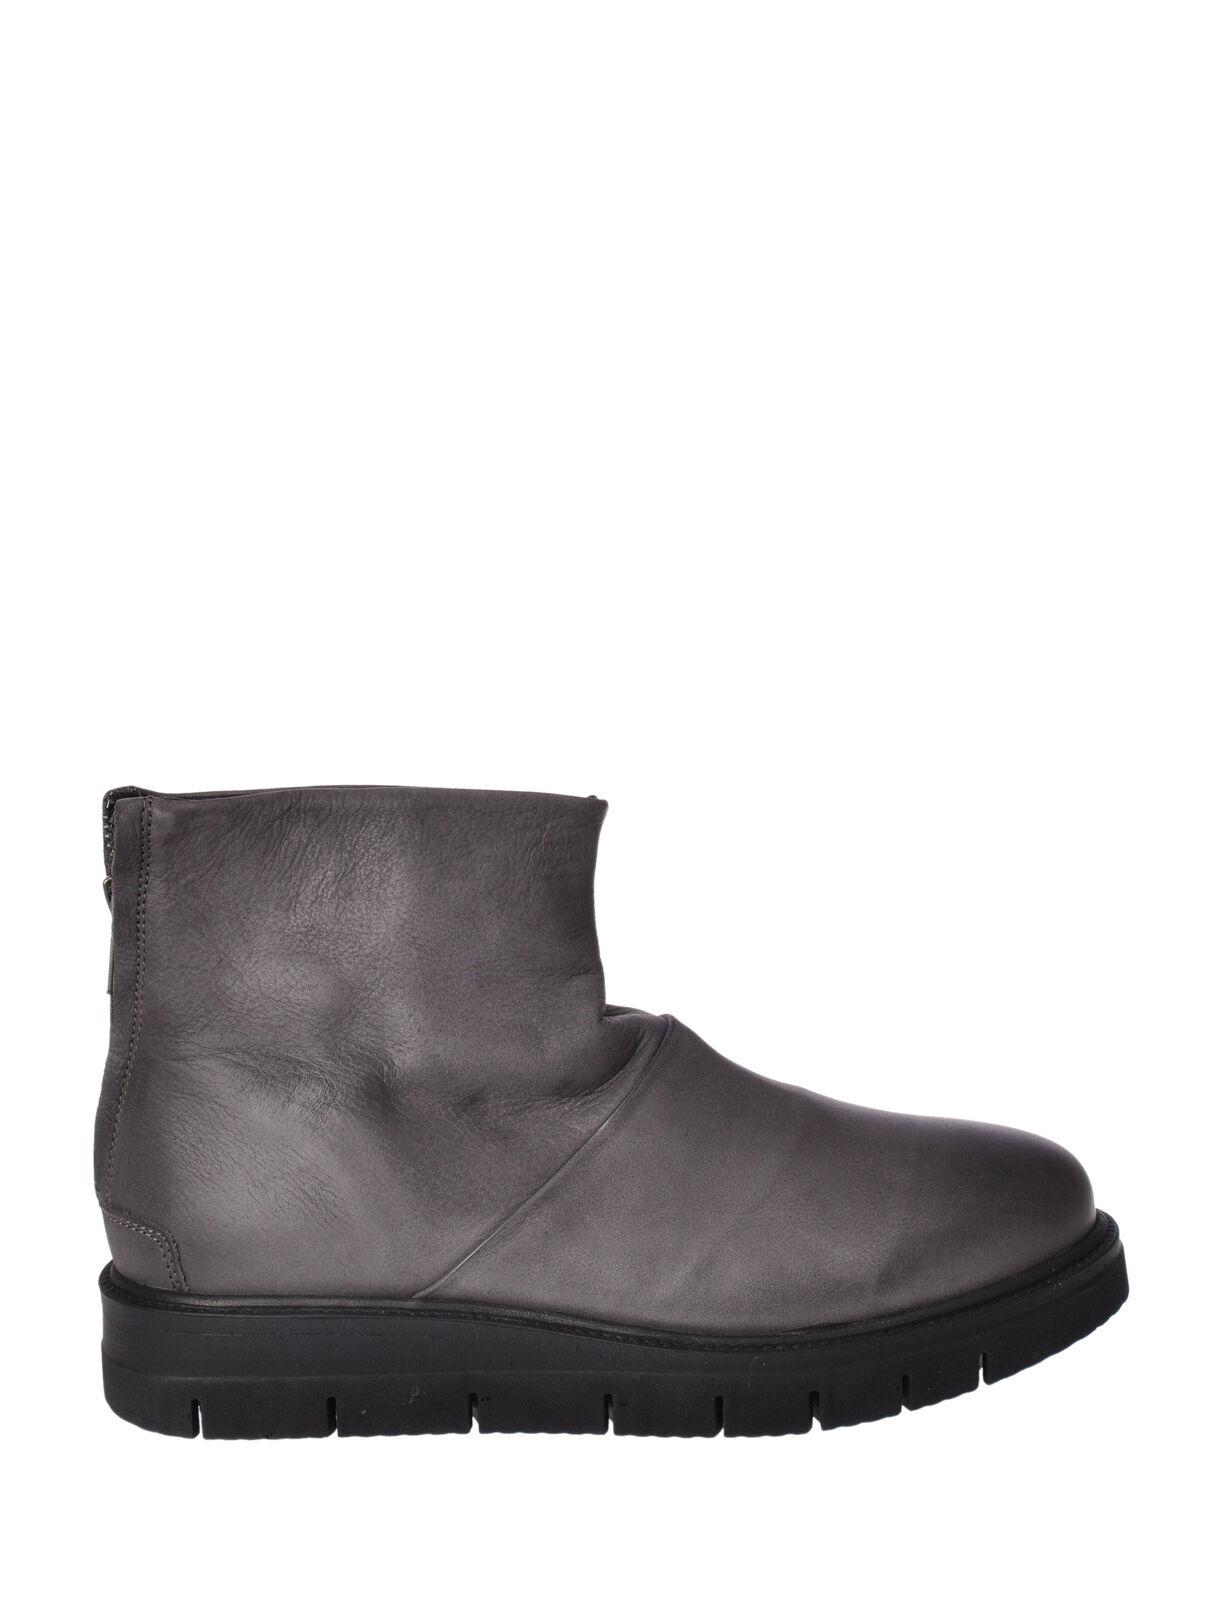 Lemarè - chaussures-Ankle-bottes - femme - gris - 451415C184155